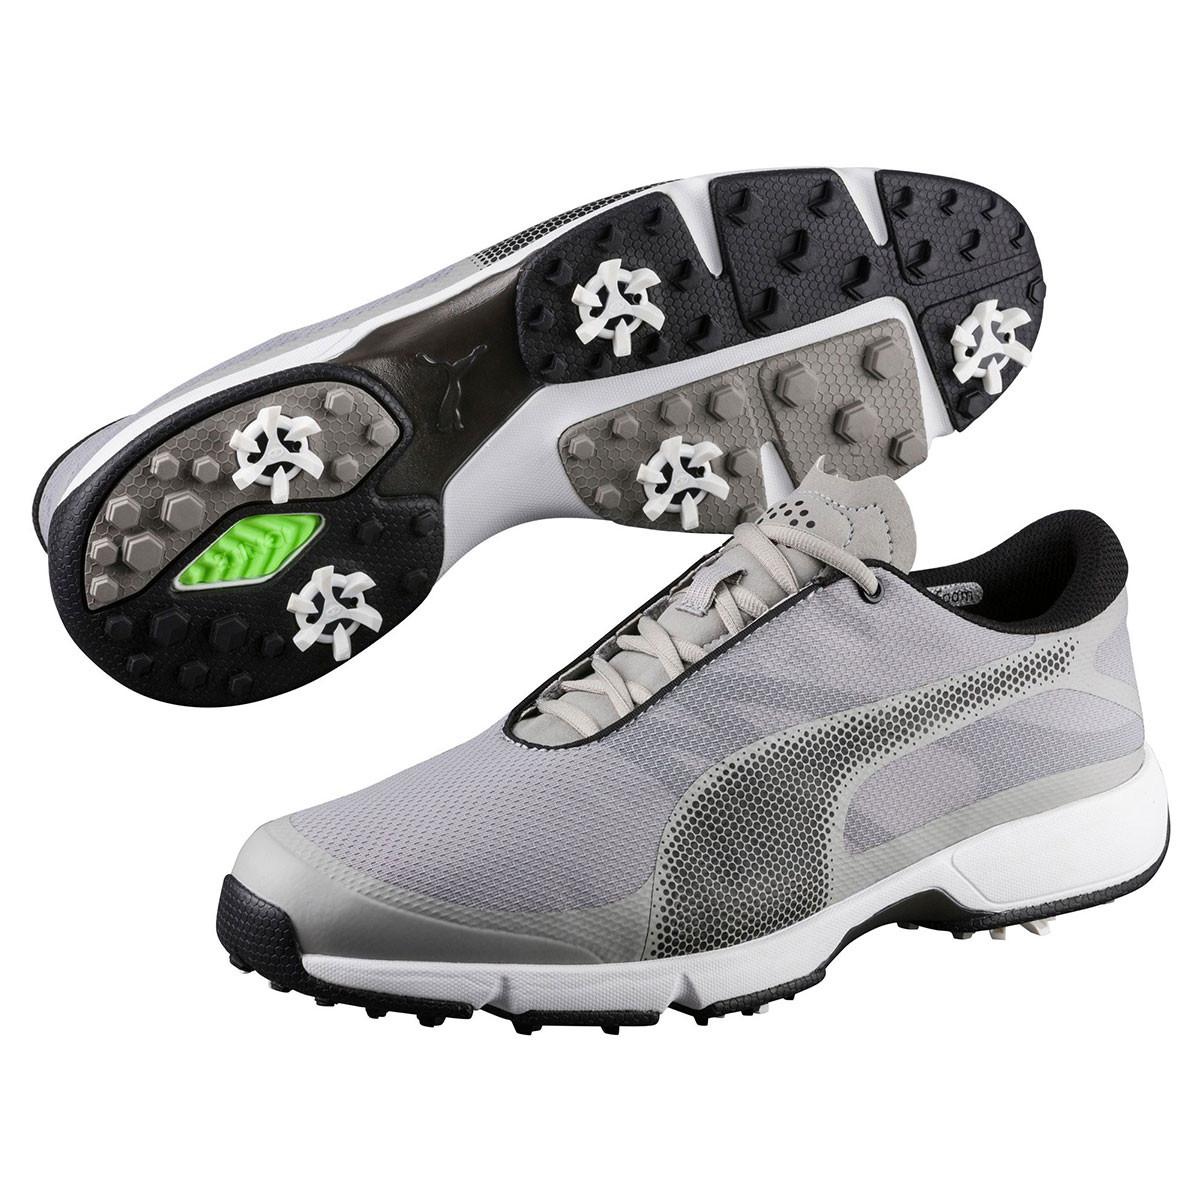 d601638810de3b Puma Mens Ignite Drive Sport Waterproof Golf Shoes